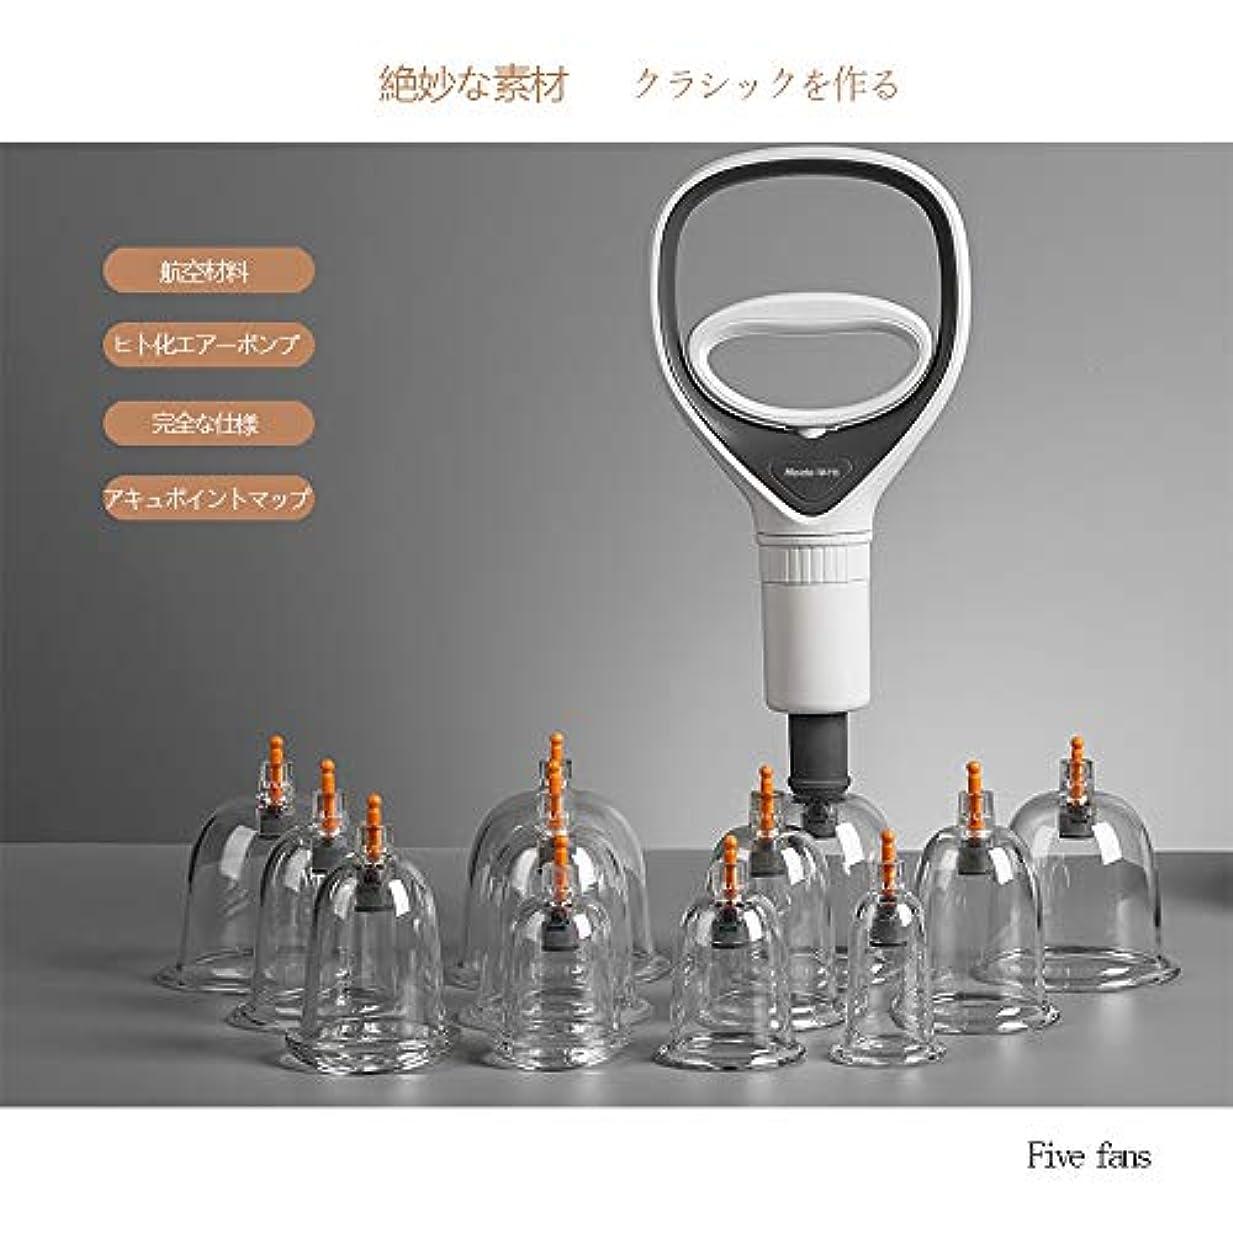 毎日フックバッグカッピング 吸い玉 マッサージカップ 磁気 ポンプ付きカッピングセット 疲労解消 血液の循環を刺激 各部位対応8種類 12個セット(ギフトボックス付き)